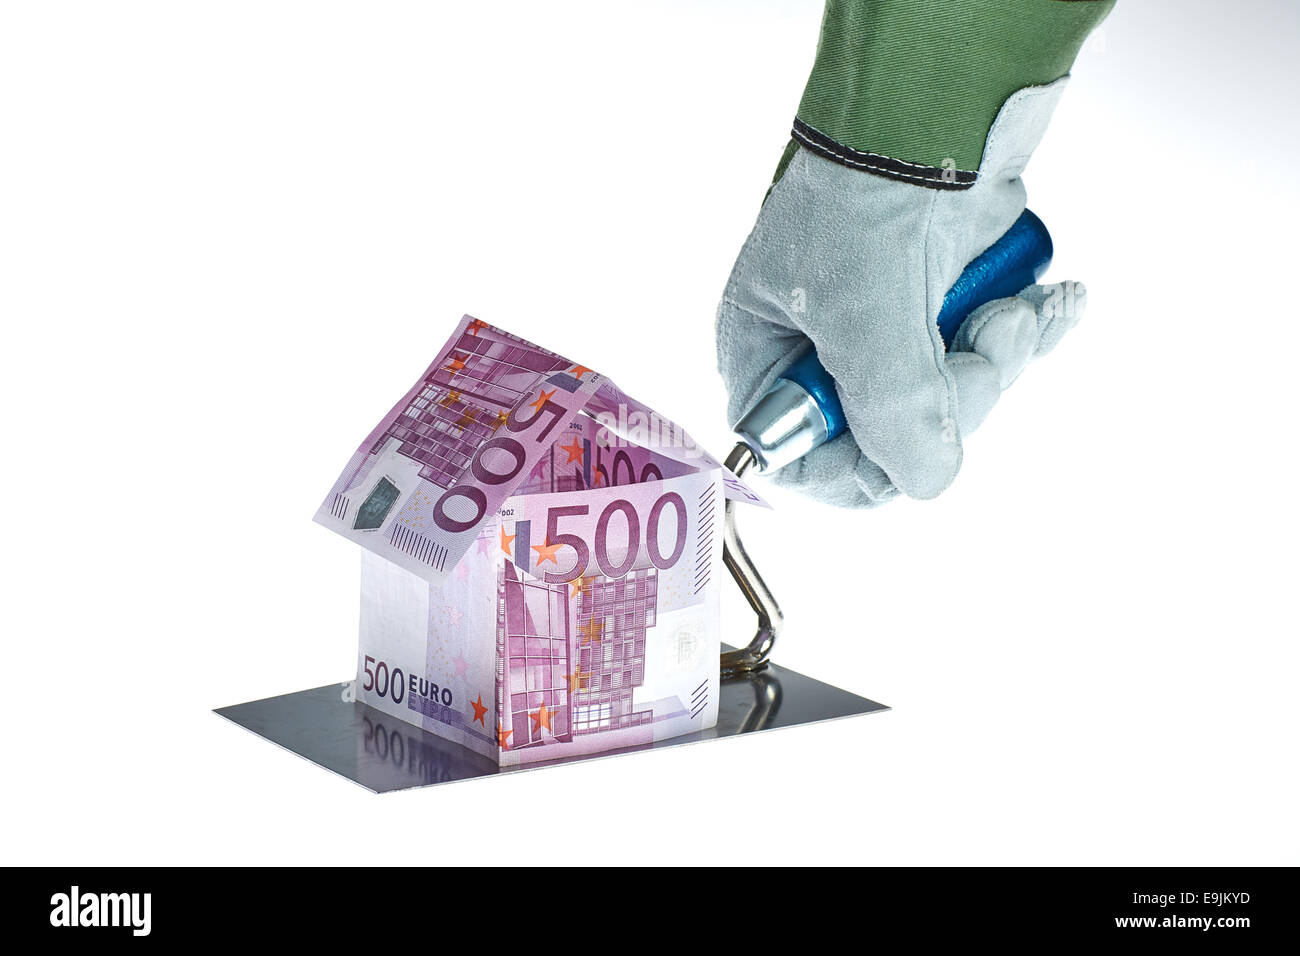 Haus aus 500 Euro Geldscheinen auf einer Arbeiter Kelle - Stock Image